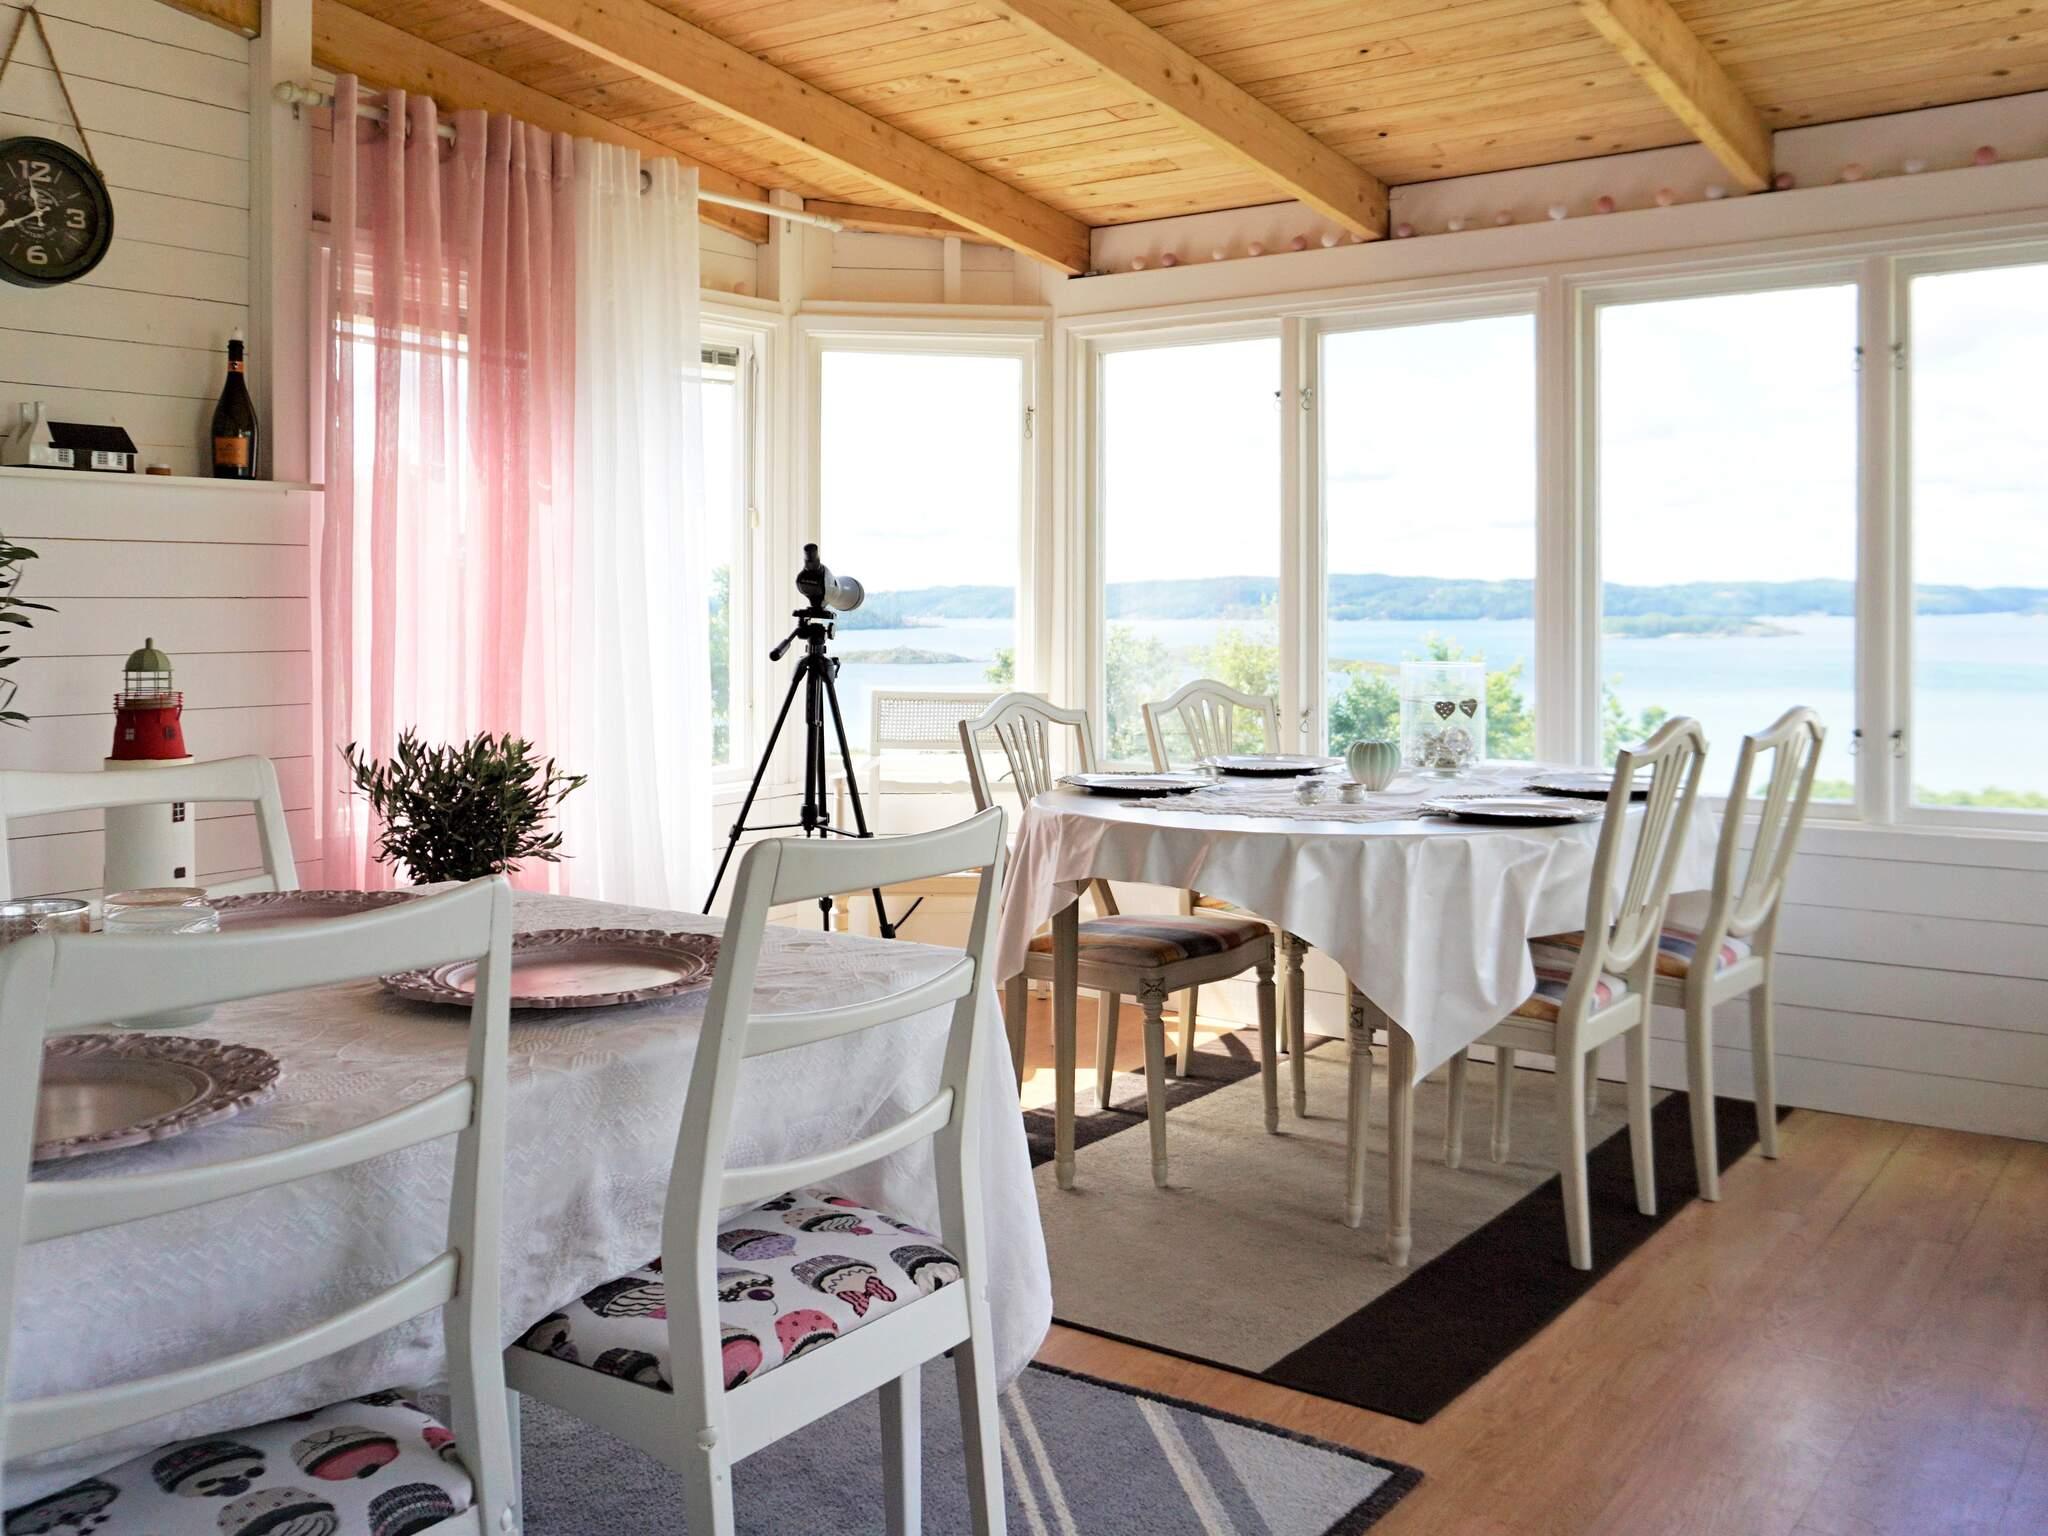 Ferienhaus Uddevalla (2644650), Uddevalla, Västra Götaland län, Westschweden, Schweden, Bild 8